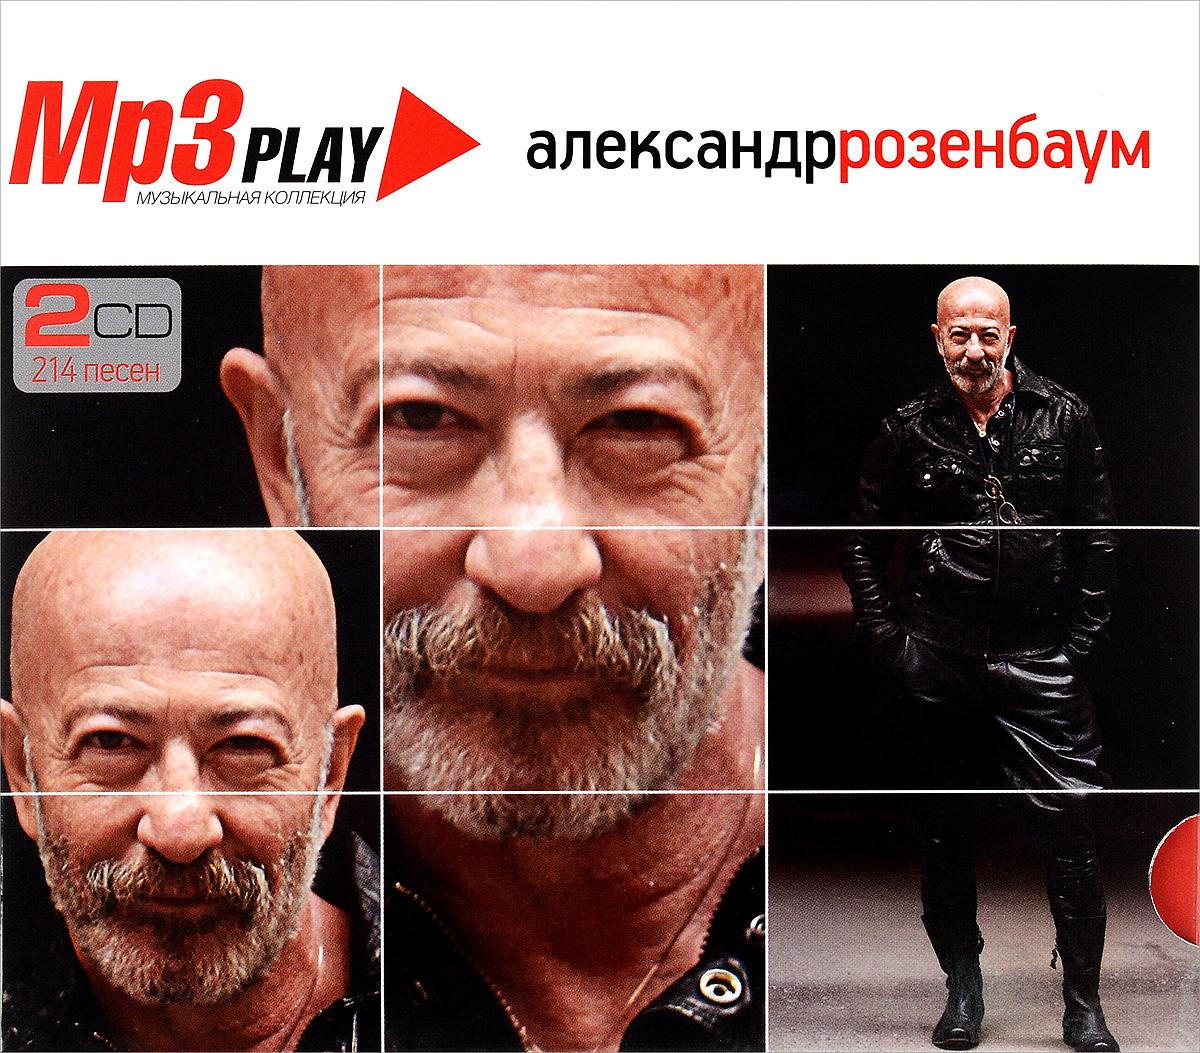 Александр Розенбаум MP3 Play. Александр Розенбаум (mp3) розенбаум александр яковлевич шуры и шурики